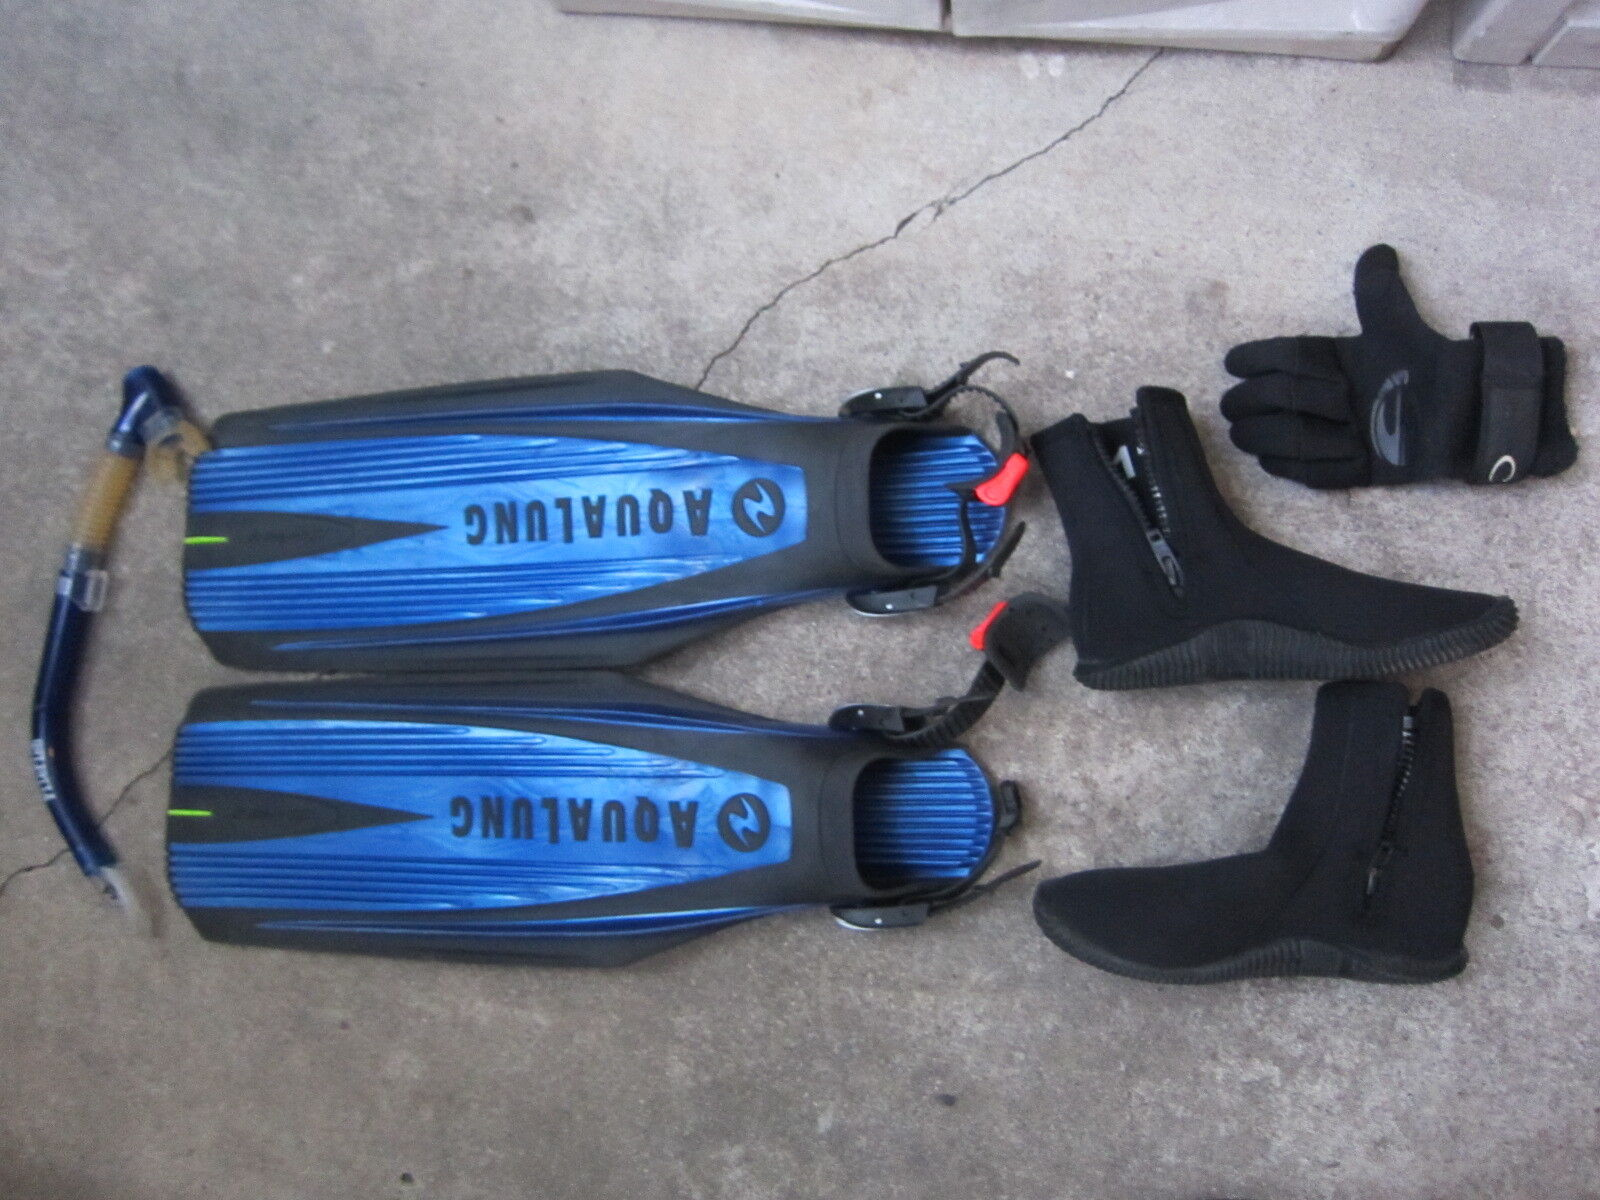 Aqua Lung Regular Diving FINS Aqualung Blades 2 Deepsea Diving boots Lot + extra